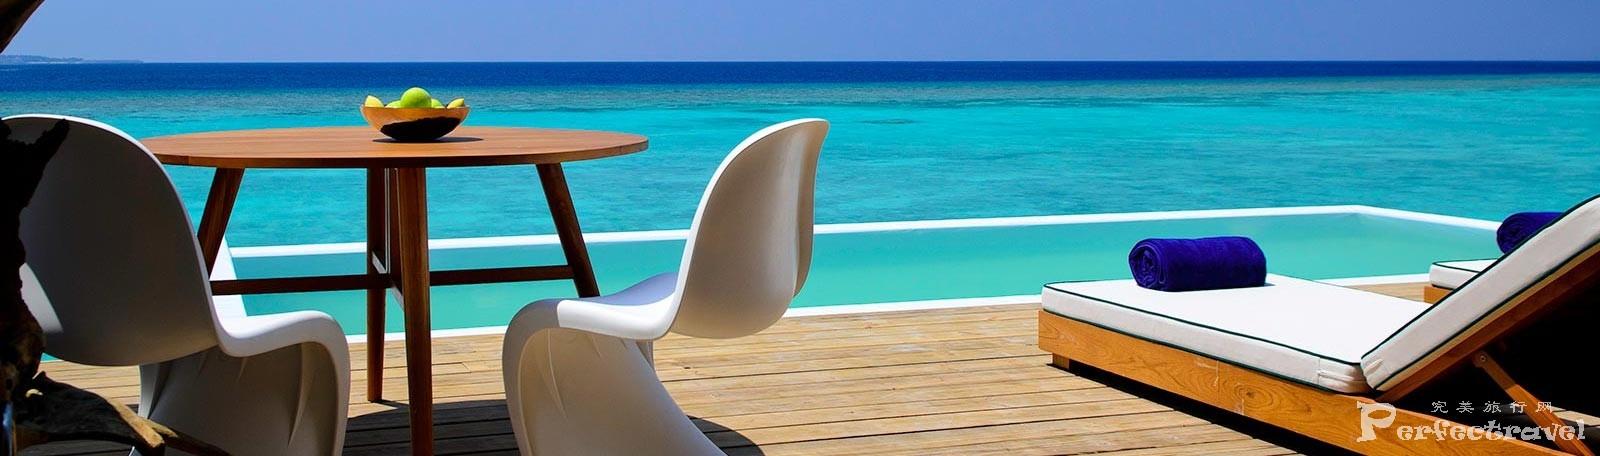 奢华不贵的马尔代夫顶级海岛|价格包含正春节! - 完美旅行Perfectravel - 完美旅行Perfectravel的博客